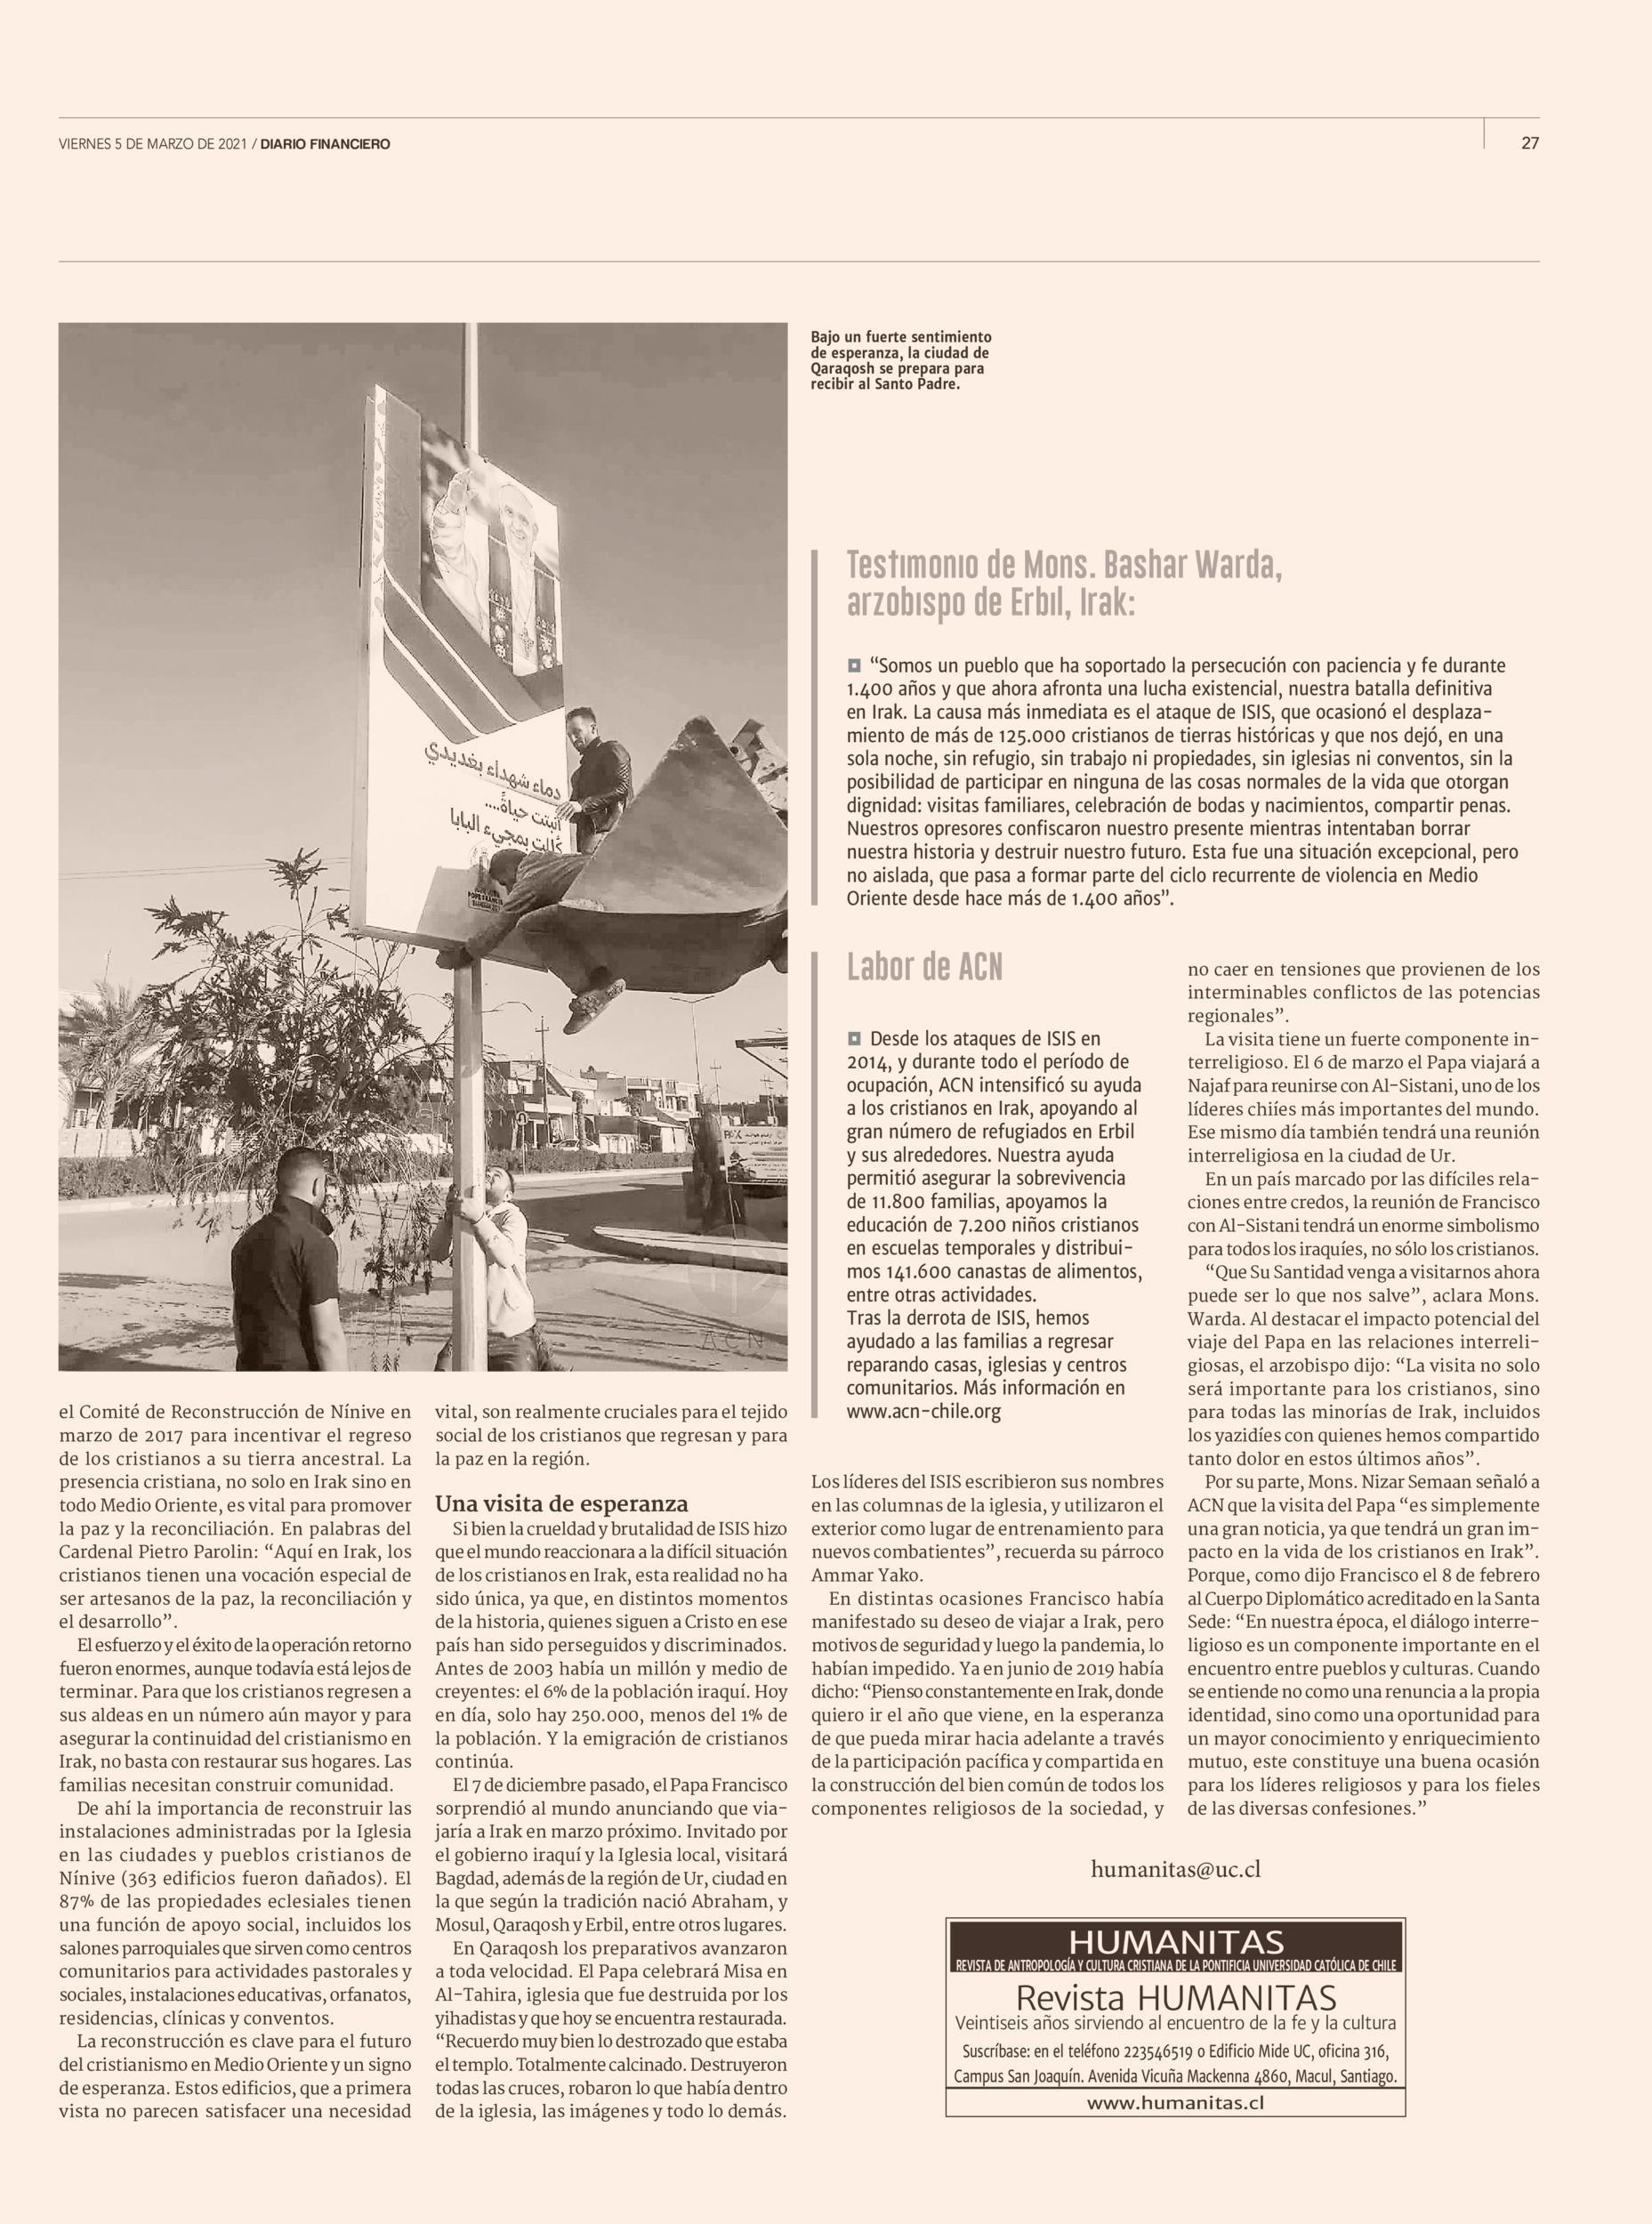 Humanitas en Diario Financiero 05.03.21 p.27